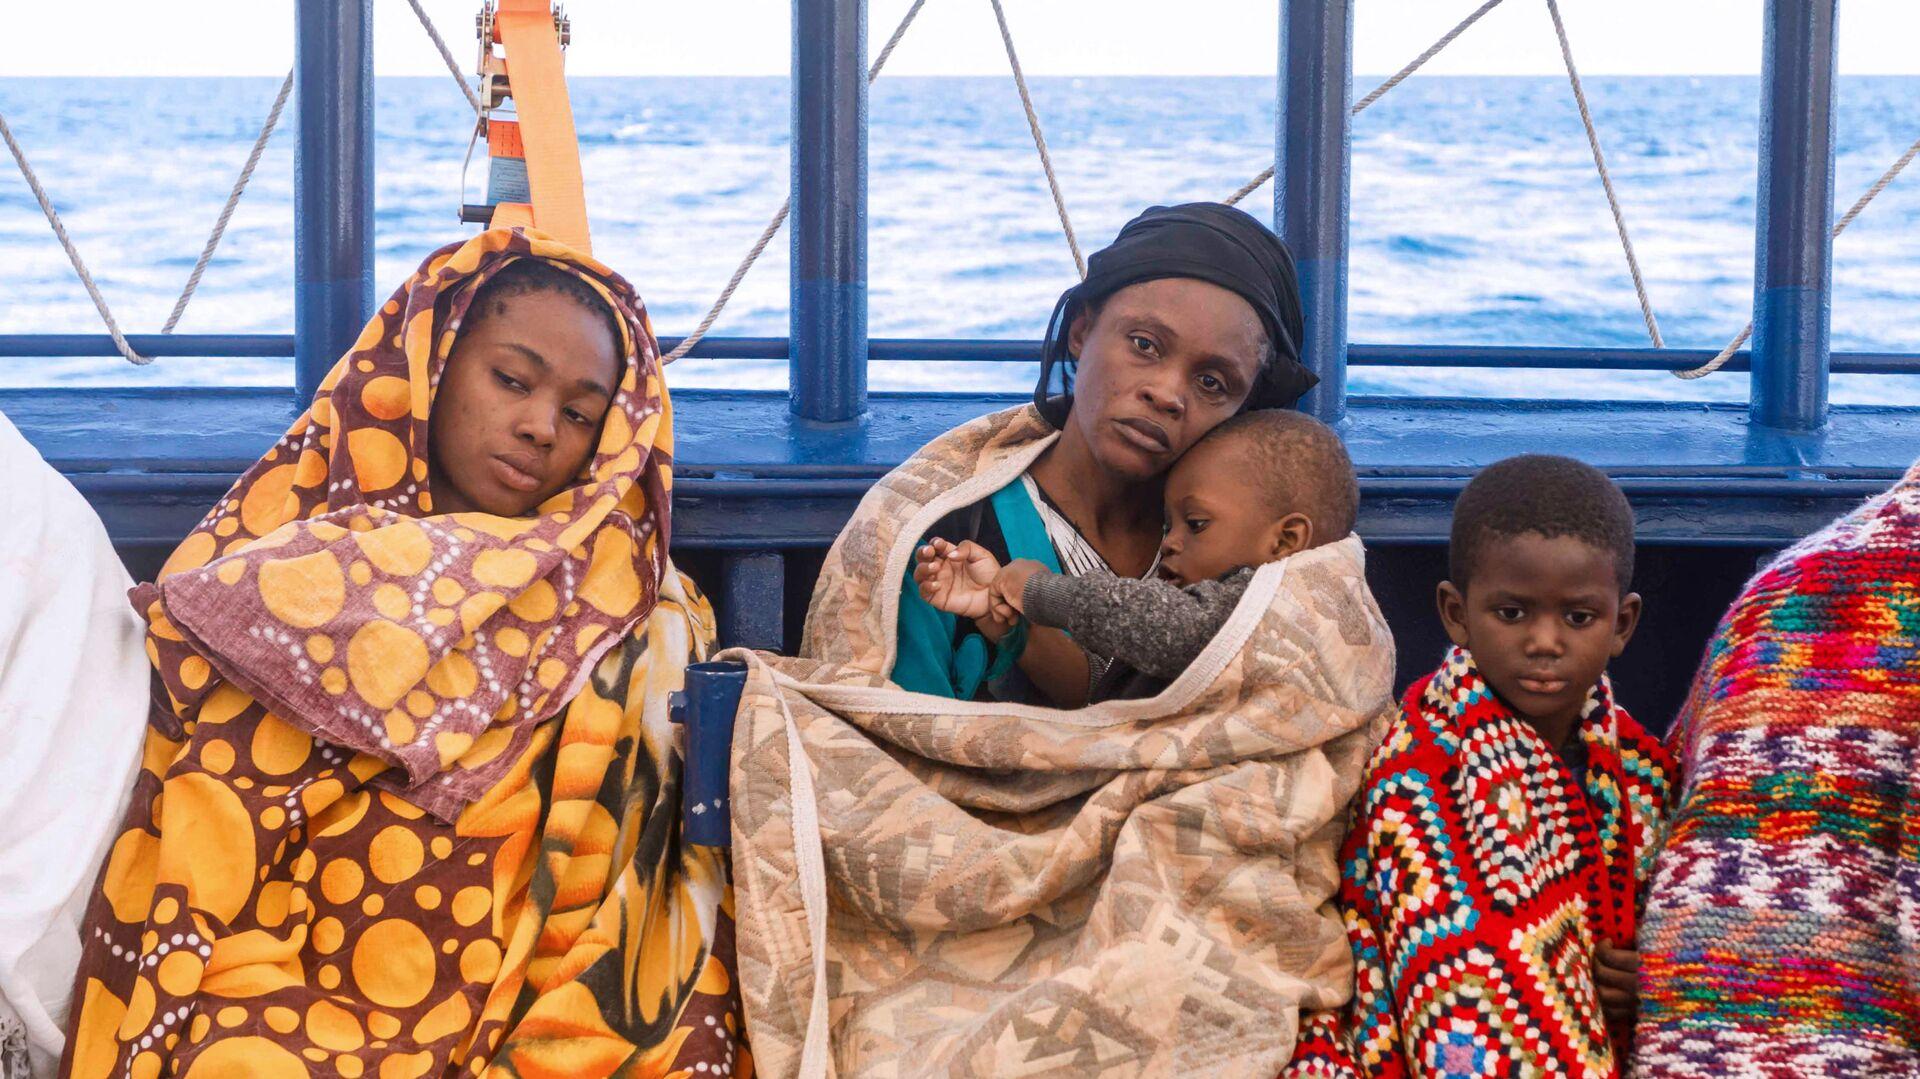 Un gruppo di migranti libici a bordo del battello di salvataggio Aita Mari  - Sputnik Italia, 1920, 14.07.2021